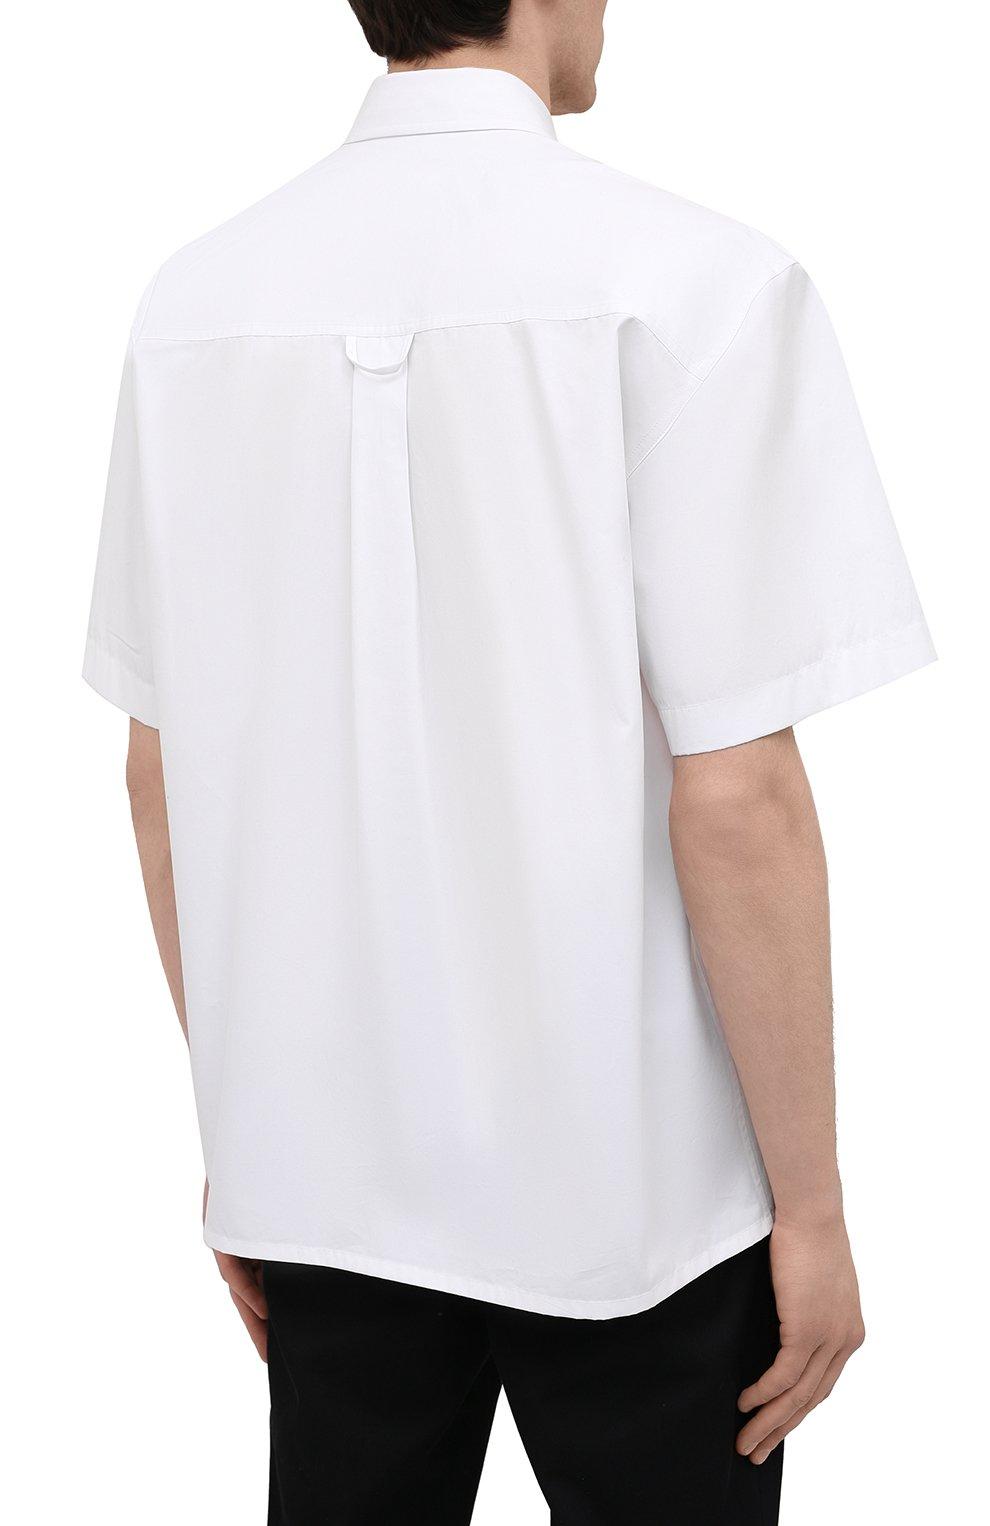 Мужская хлопковая рубашка JIL SANDER белого цвета, арт. JSMS740626-MS244200   Фото 4 (Воротник: Кент; Рубашки М: Classic Fit; Рукава: Короткие; Случай: Повседневный; Длина (для топов): Стандартные; Материал внешний: Хлопок; Принт: Однотонные; Стили: Кэжуэл)